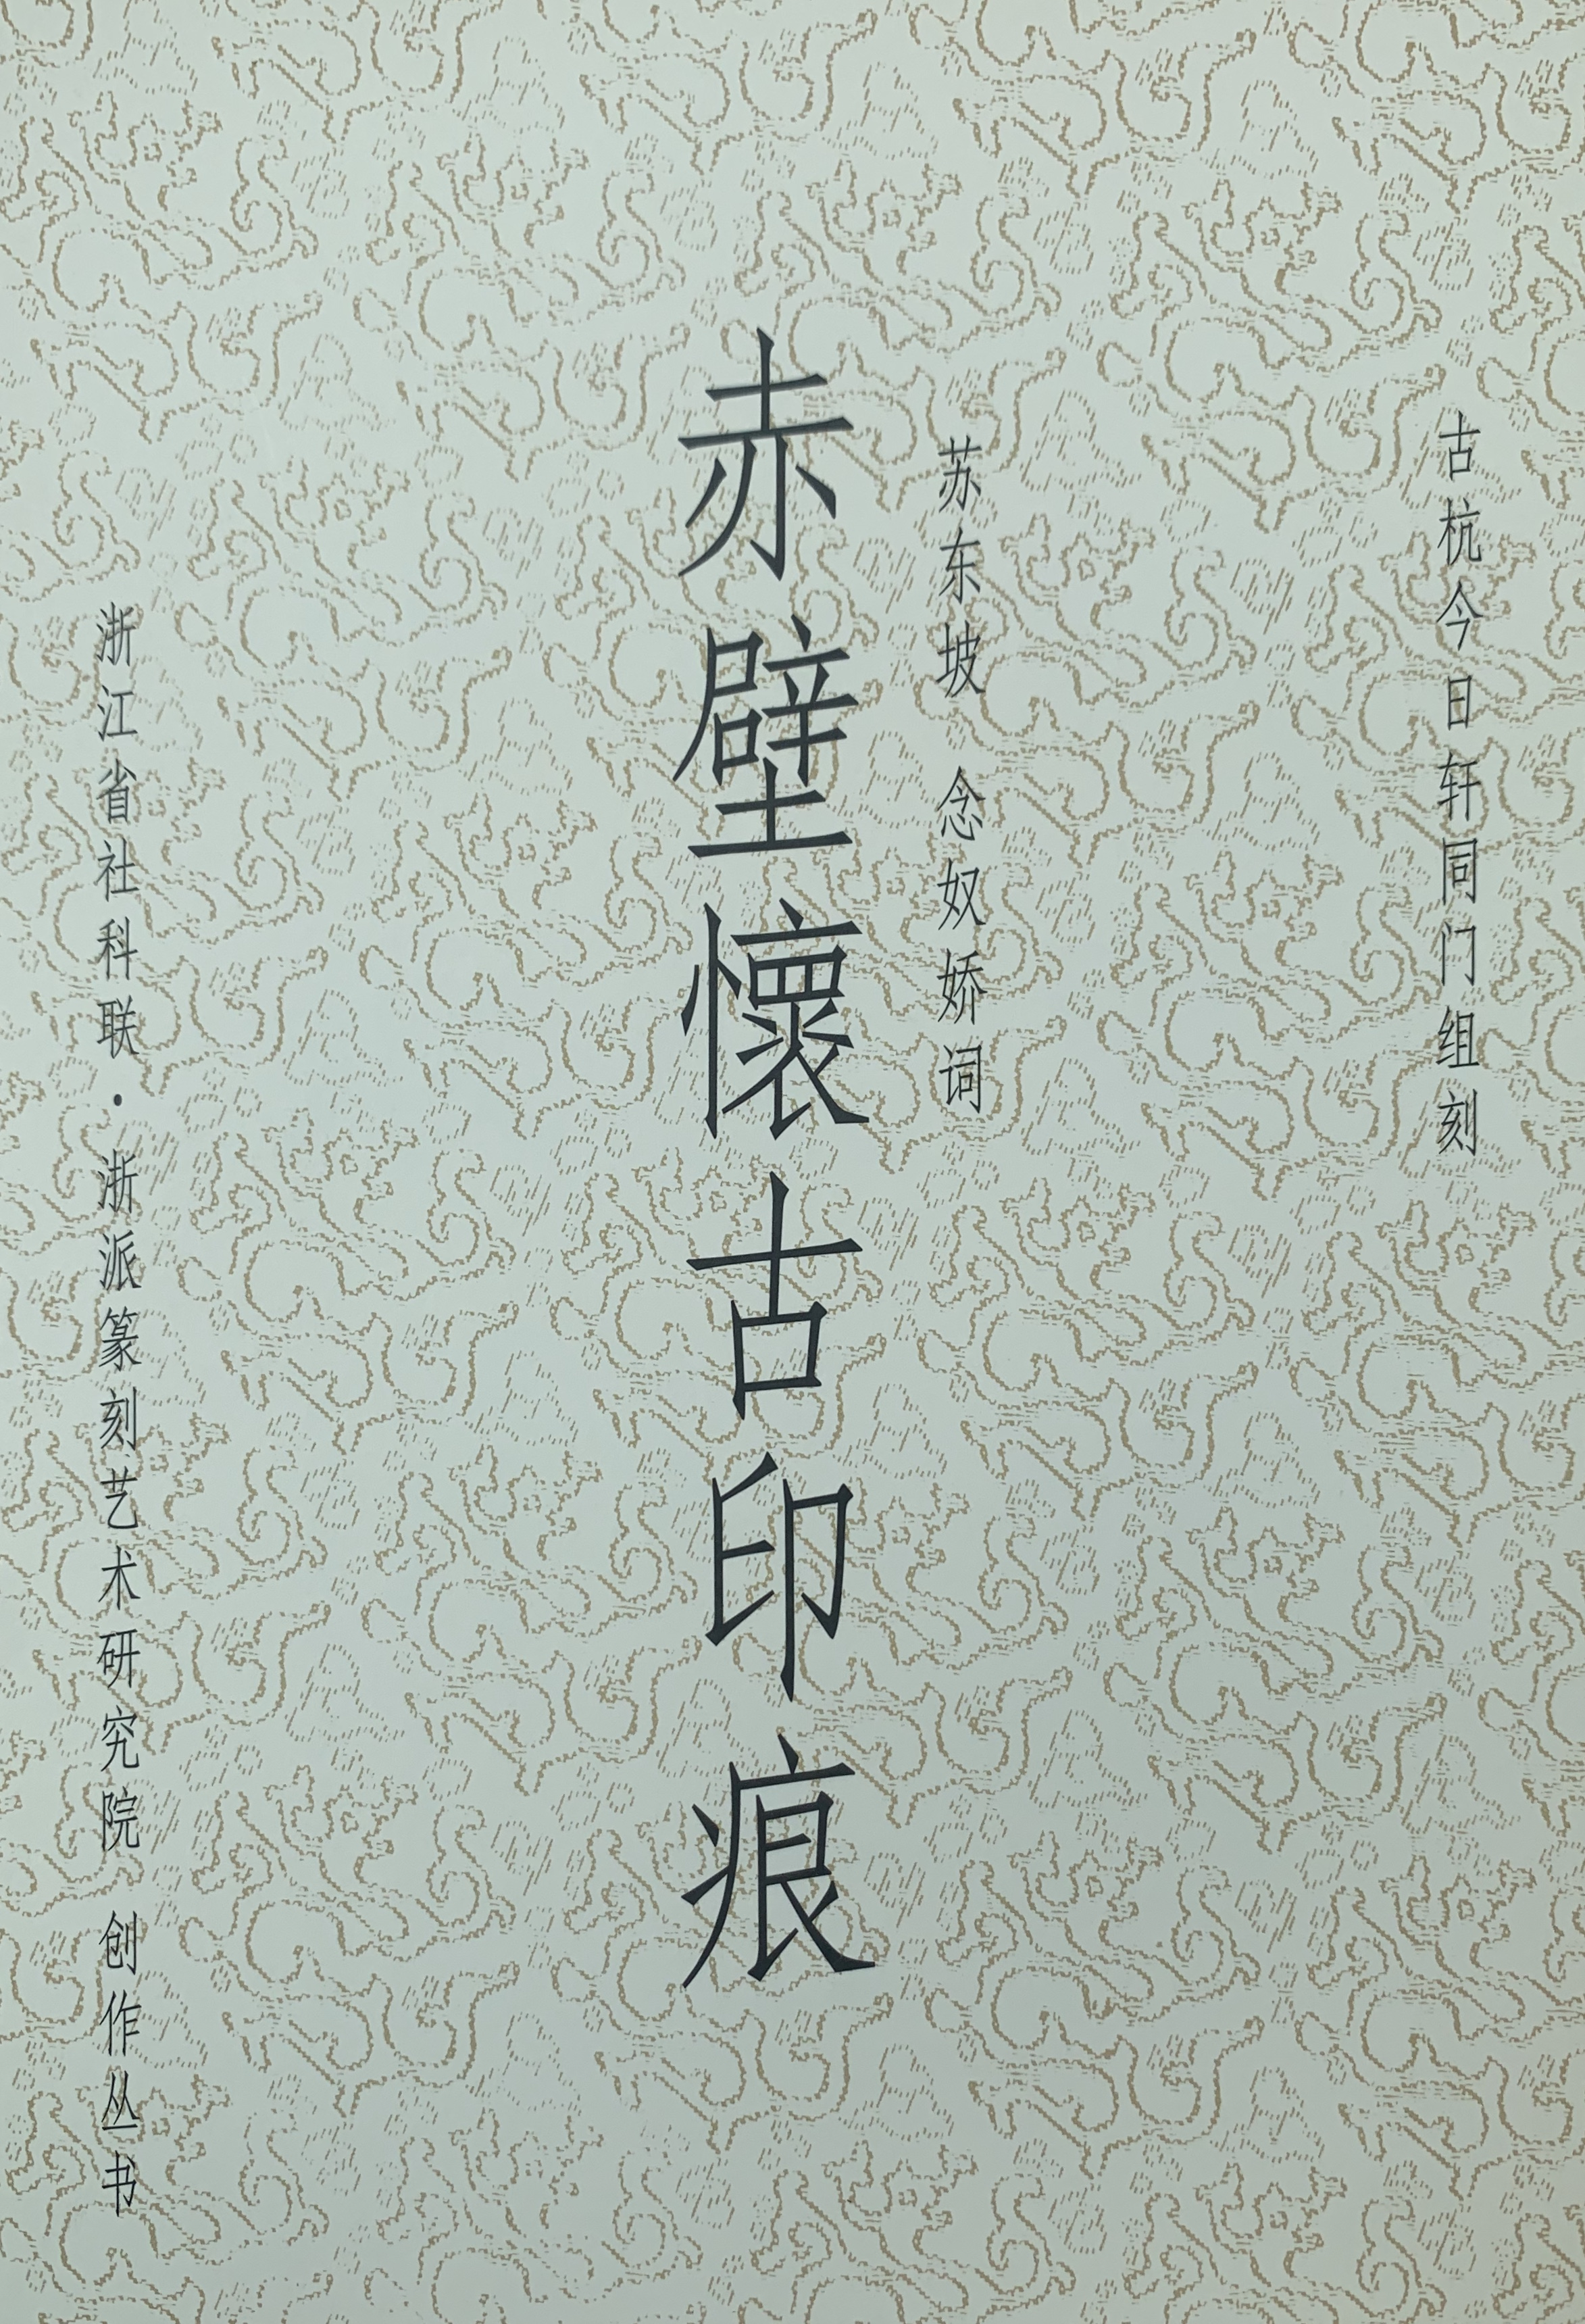 著名书法家篆刻家余正老师为浙江西湖书画院赐印